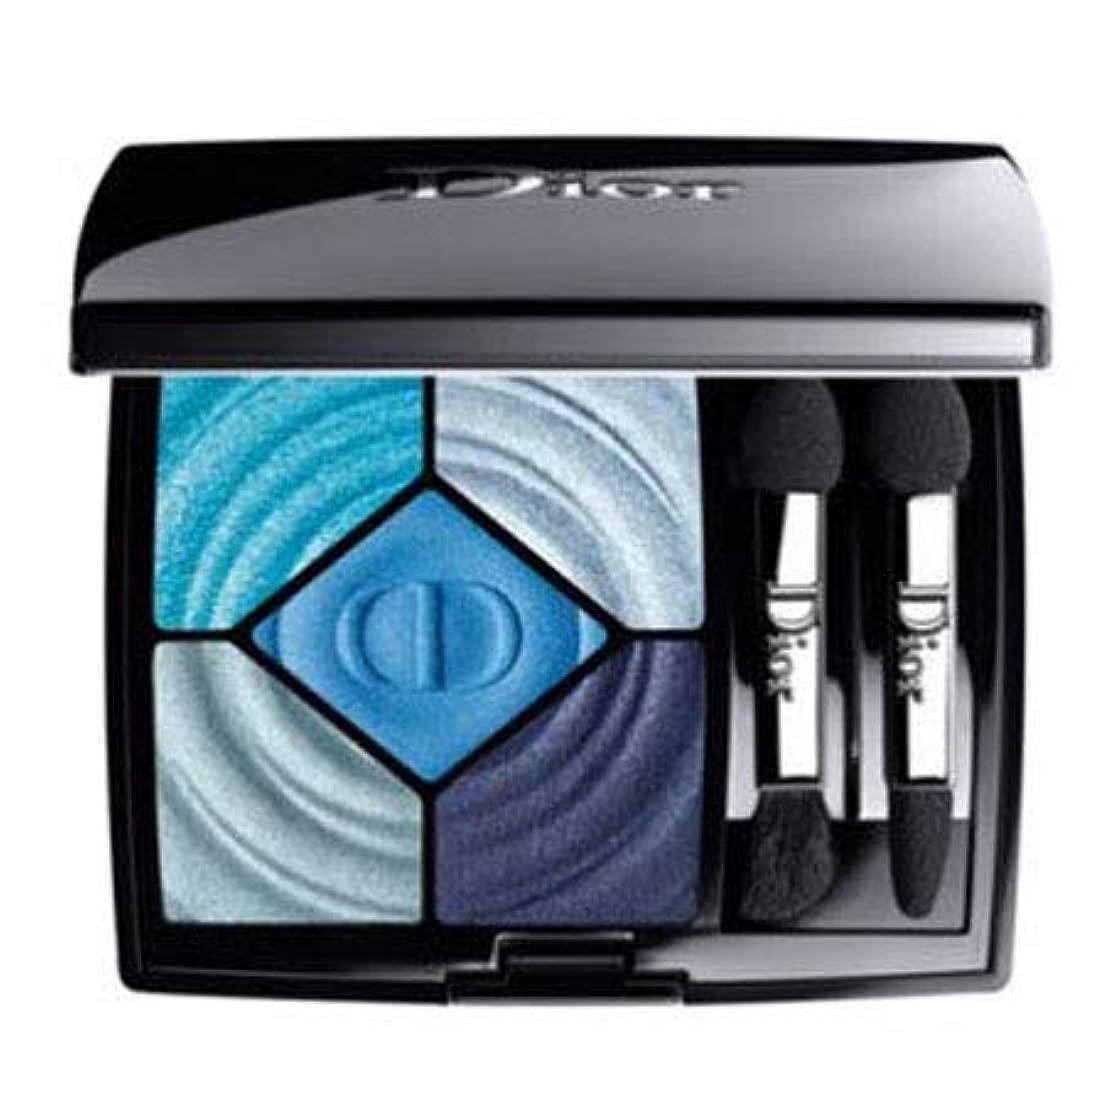 競うスプレー再びディオール サンク クルール 限定色 #367 クール ダウン -Dior- 【並行輸入品】